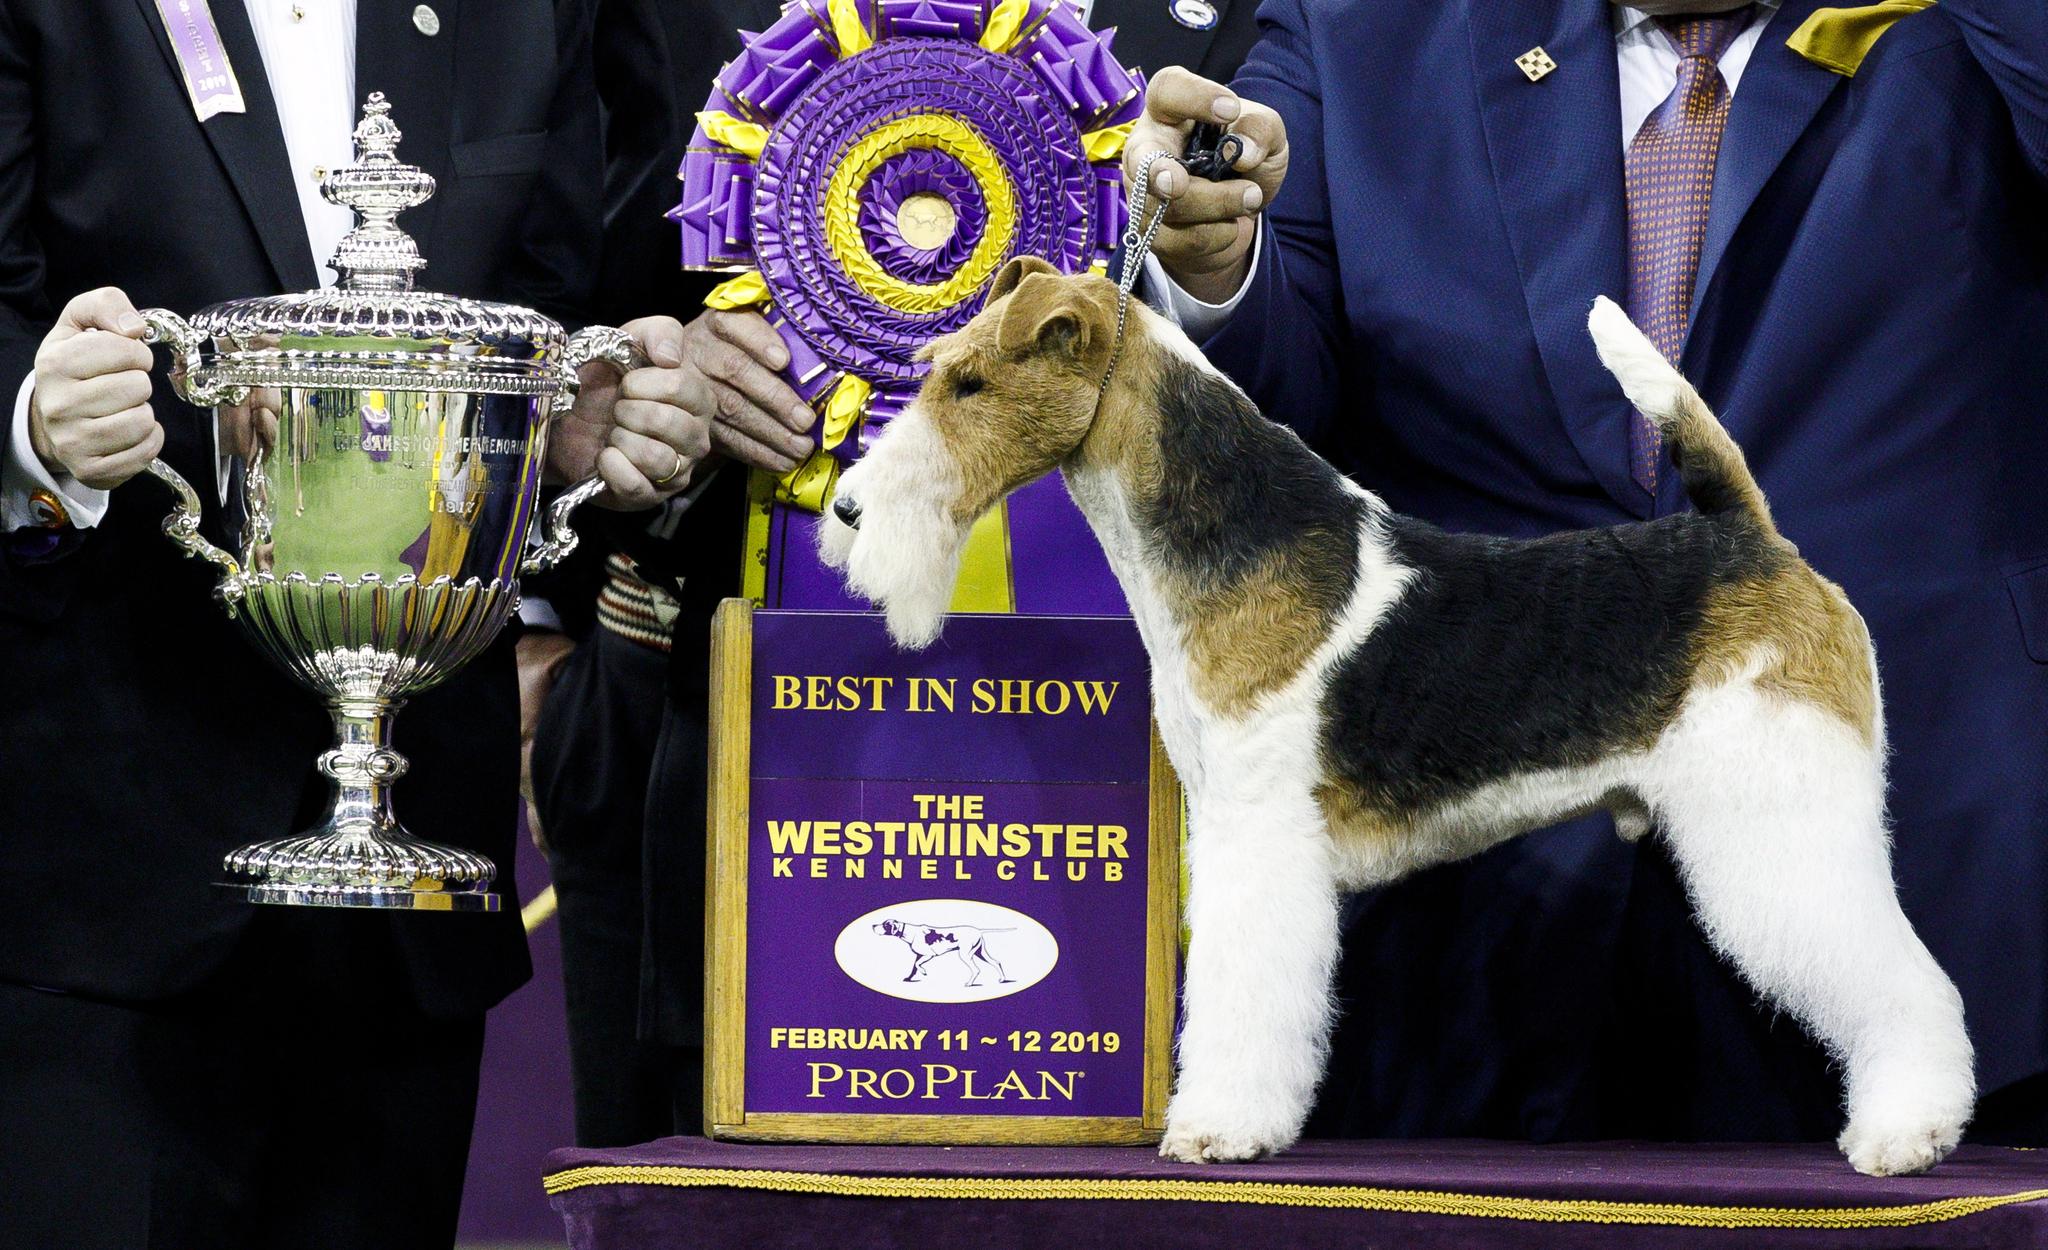 세계 3대 도그쇼인 웨스트민스터 도그쇼에서 와이어 폭스테이어 '킹'이 올해 최고의 애견으로 선정됐다. 12일(현지시간) 킹이 2019년 BIS(BEST IN SHOW) 수상컵과 함께 기념사진을 찍고 있다.  [EPA=연합뉴스]